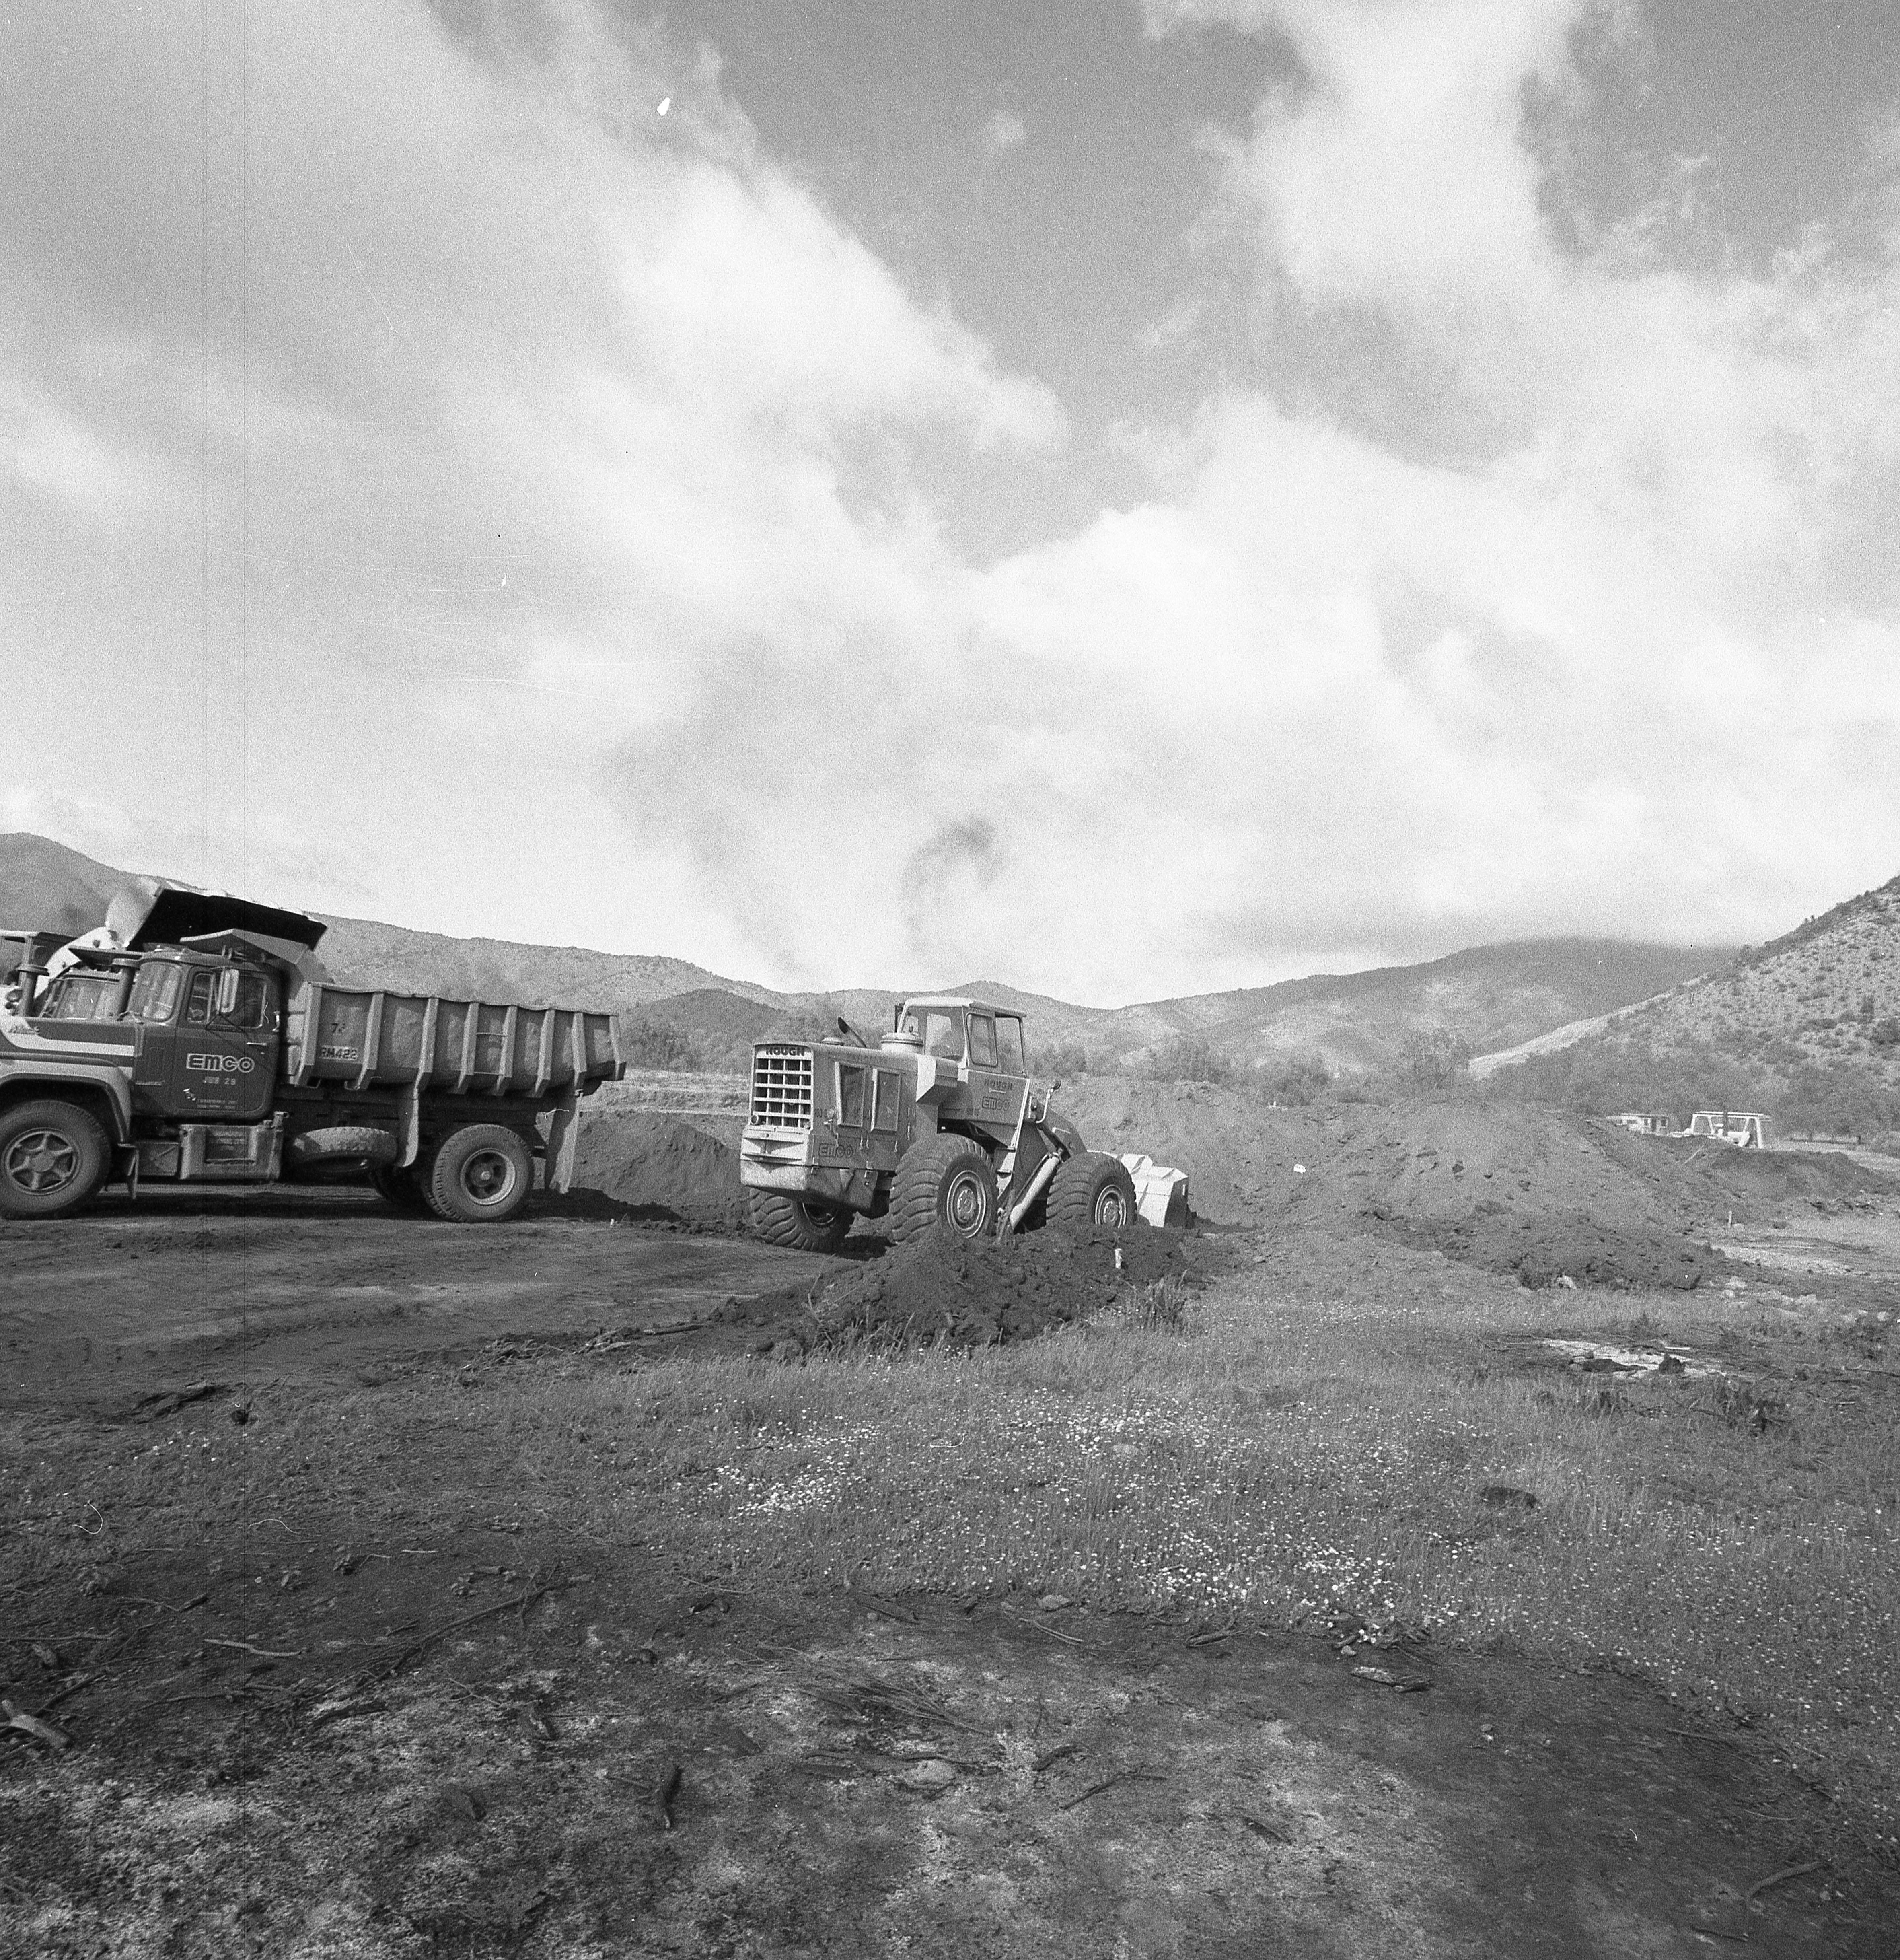 Enterreno - Fotos históricas de chile - fotos antiguas de Chile - Foto de Jack Ceitelis